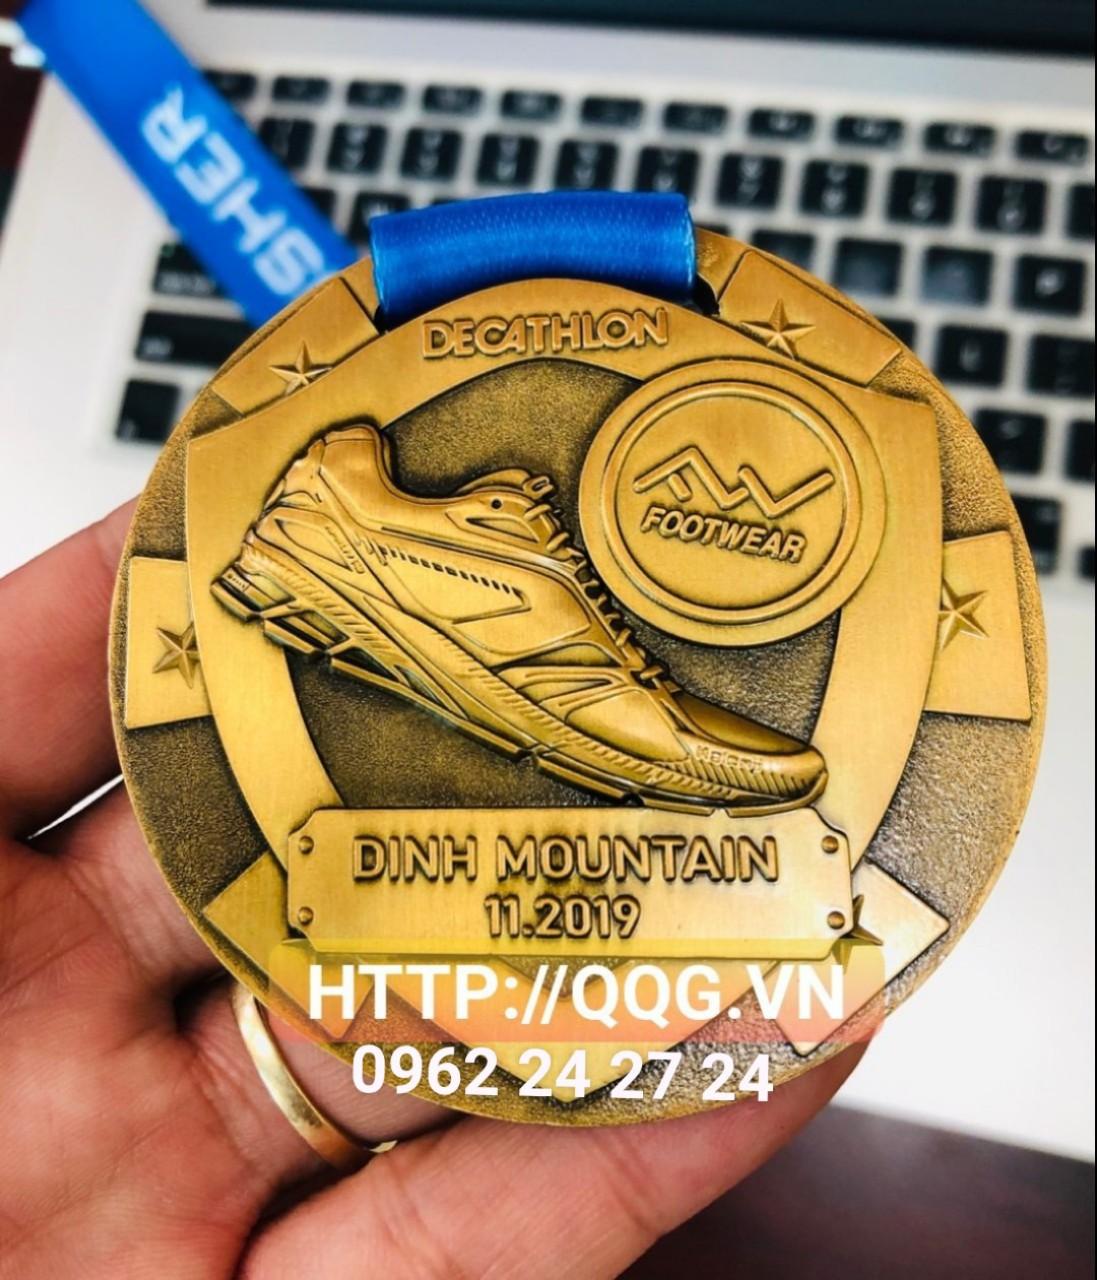 Cửa hàng chuyên sản xuất và cung cấp huy chương các giải thi đấu thể thao, làm huy chương phôi sẵn